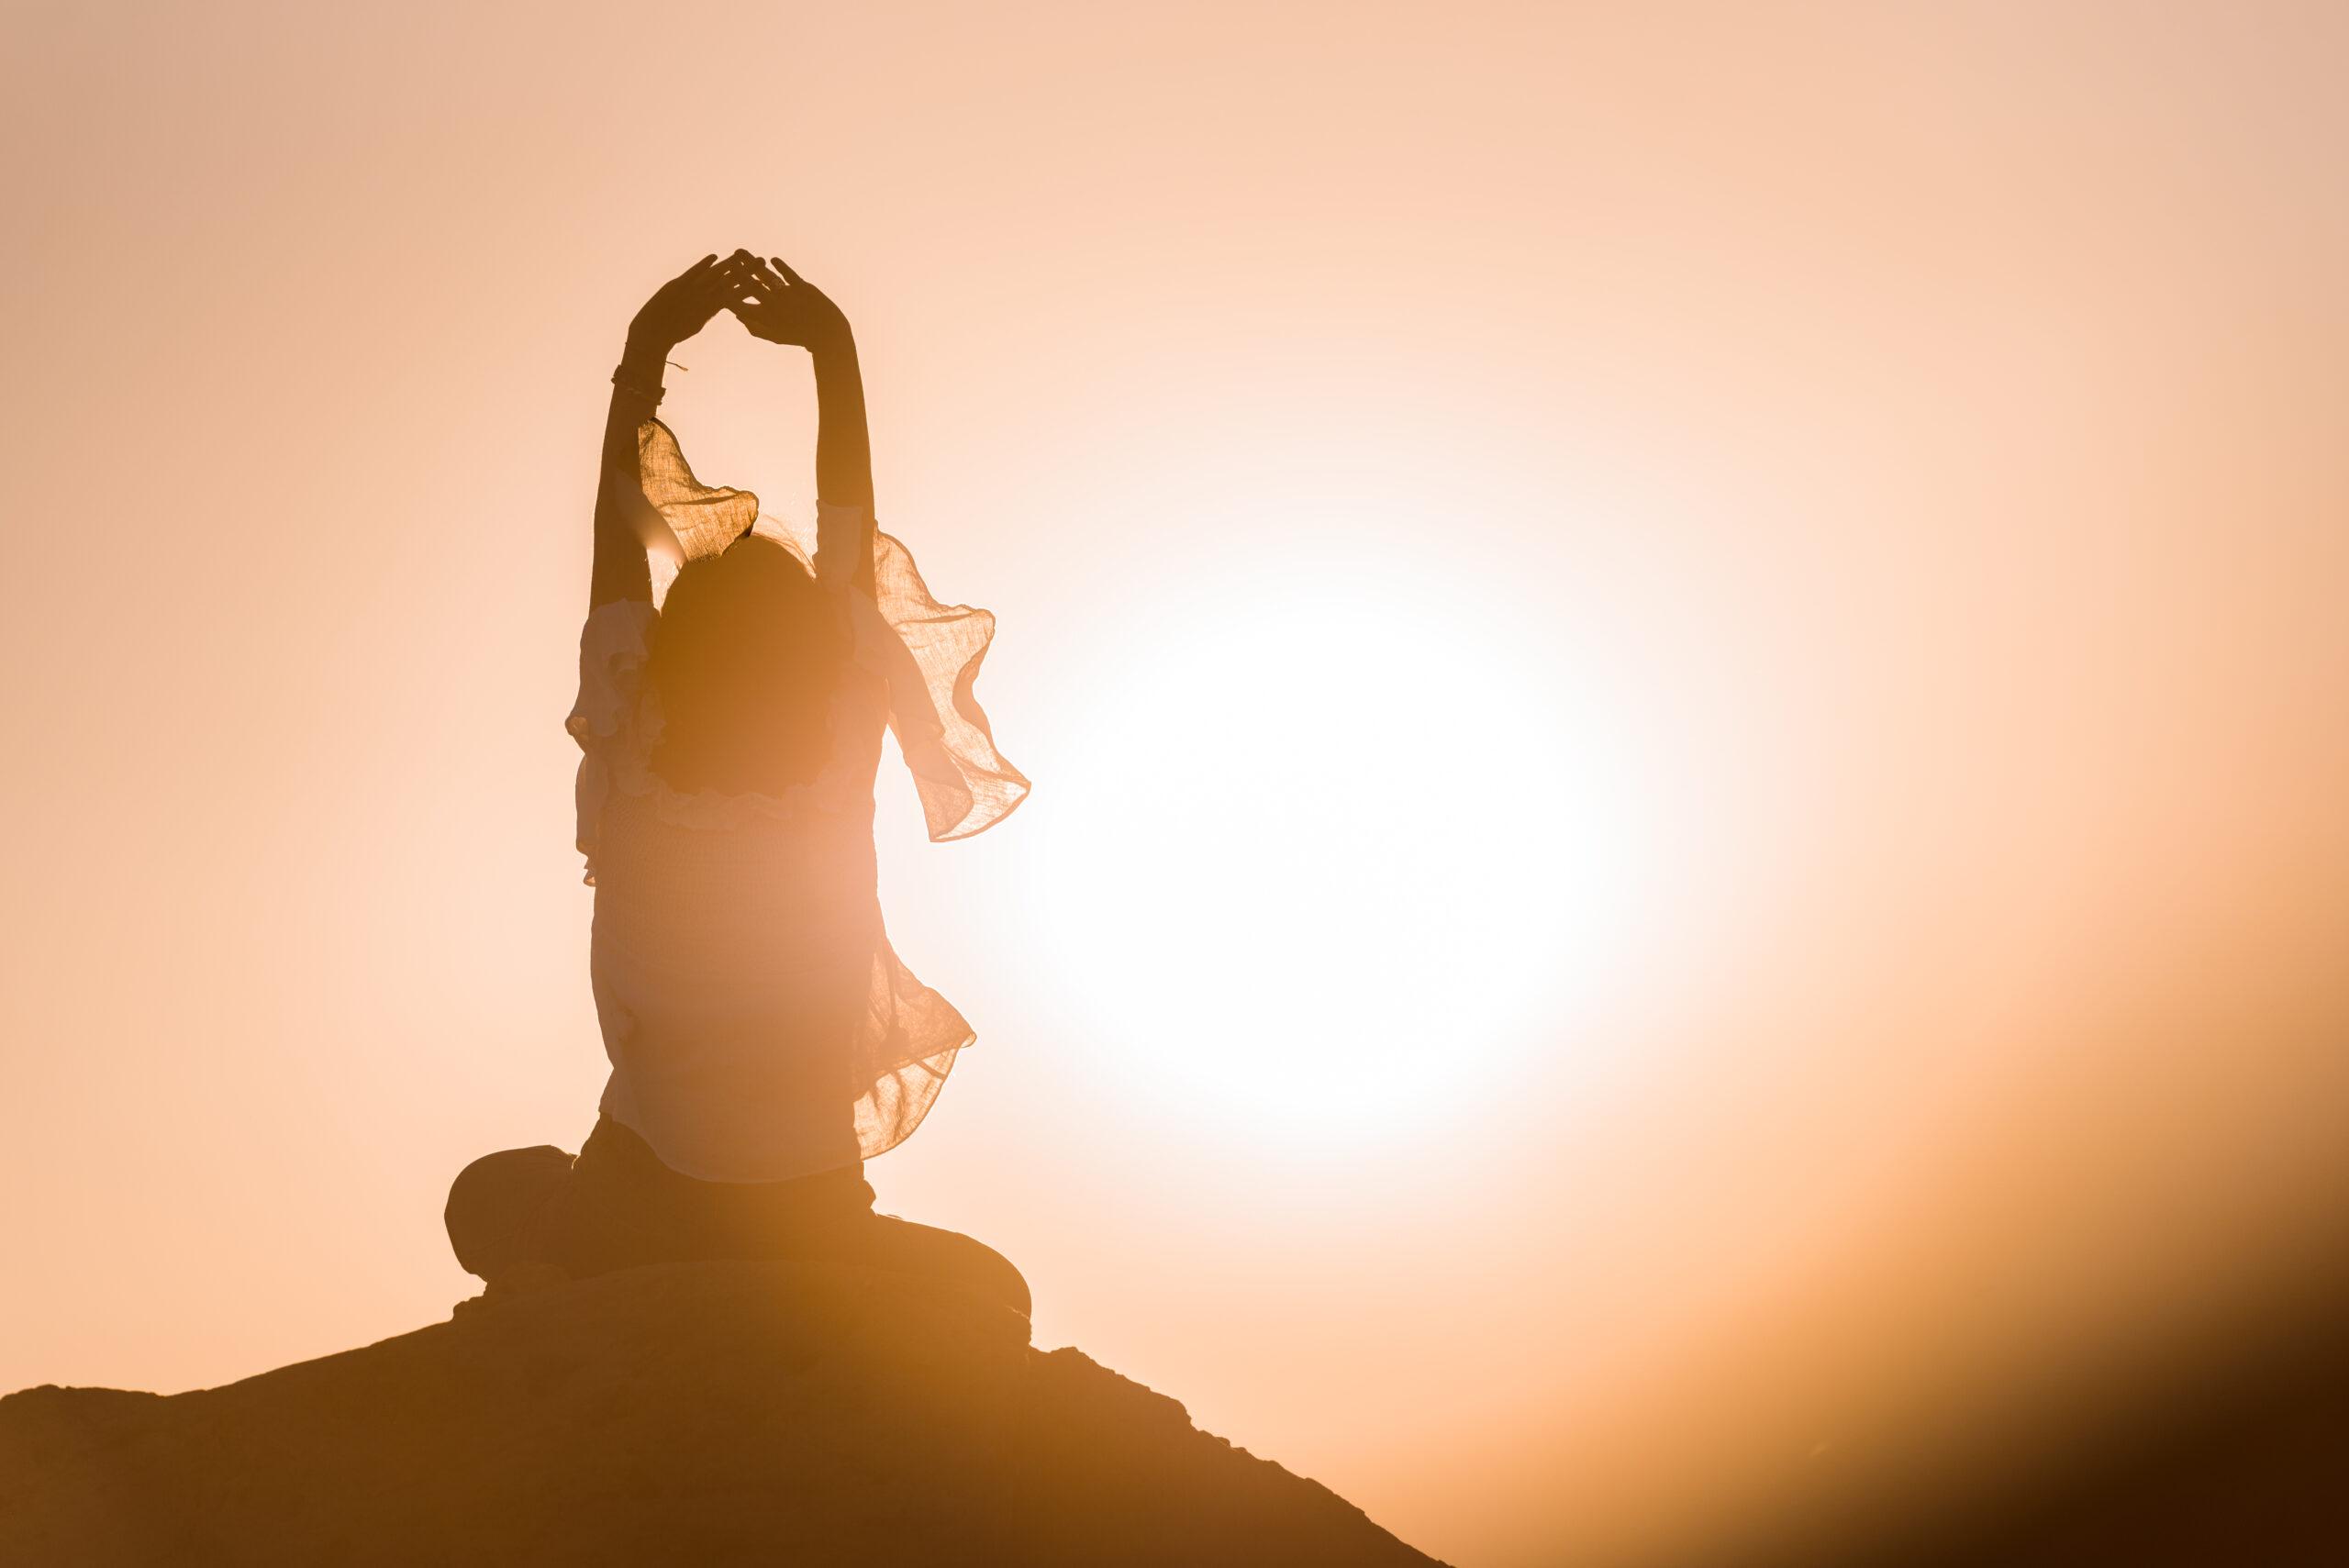 Yogastunden und Pilatesstunden in Albisrieden, Yoga Vipfitstyle, Pilates, Hatha Yoga